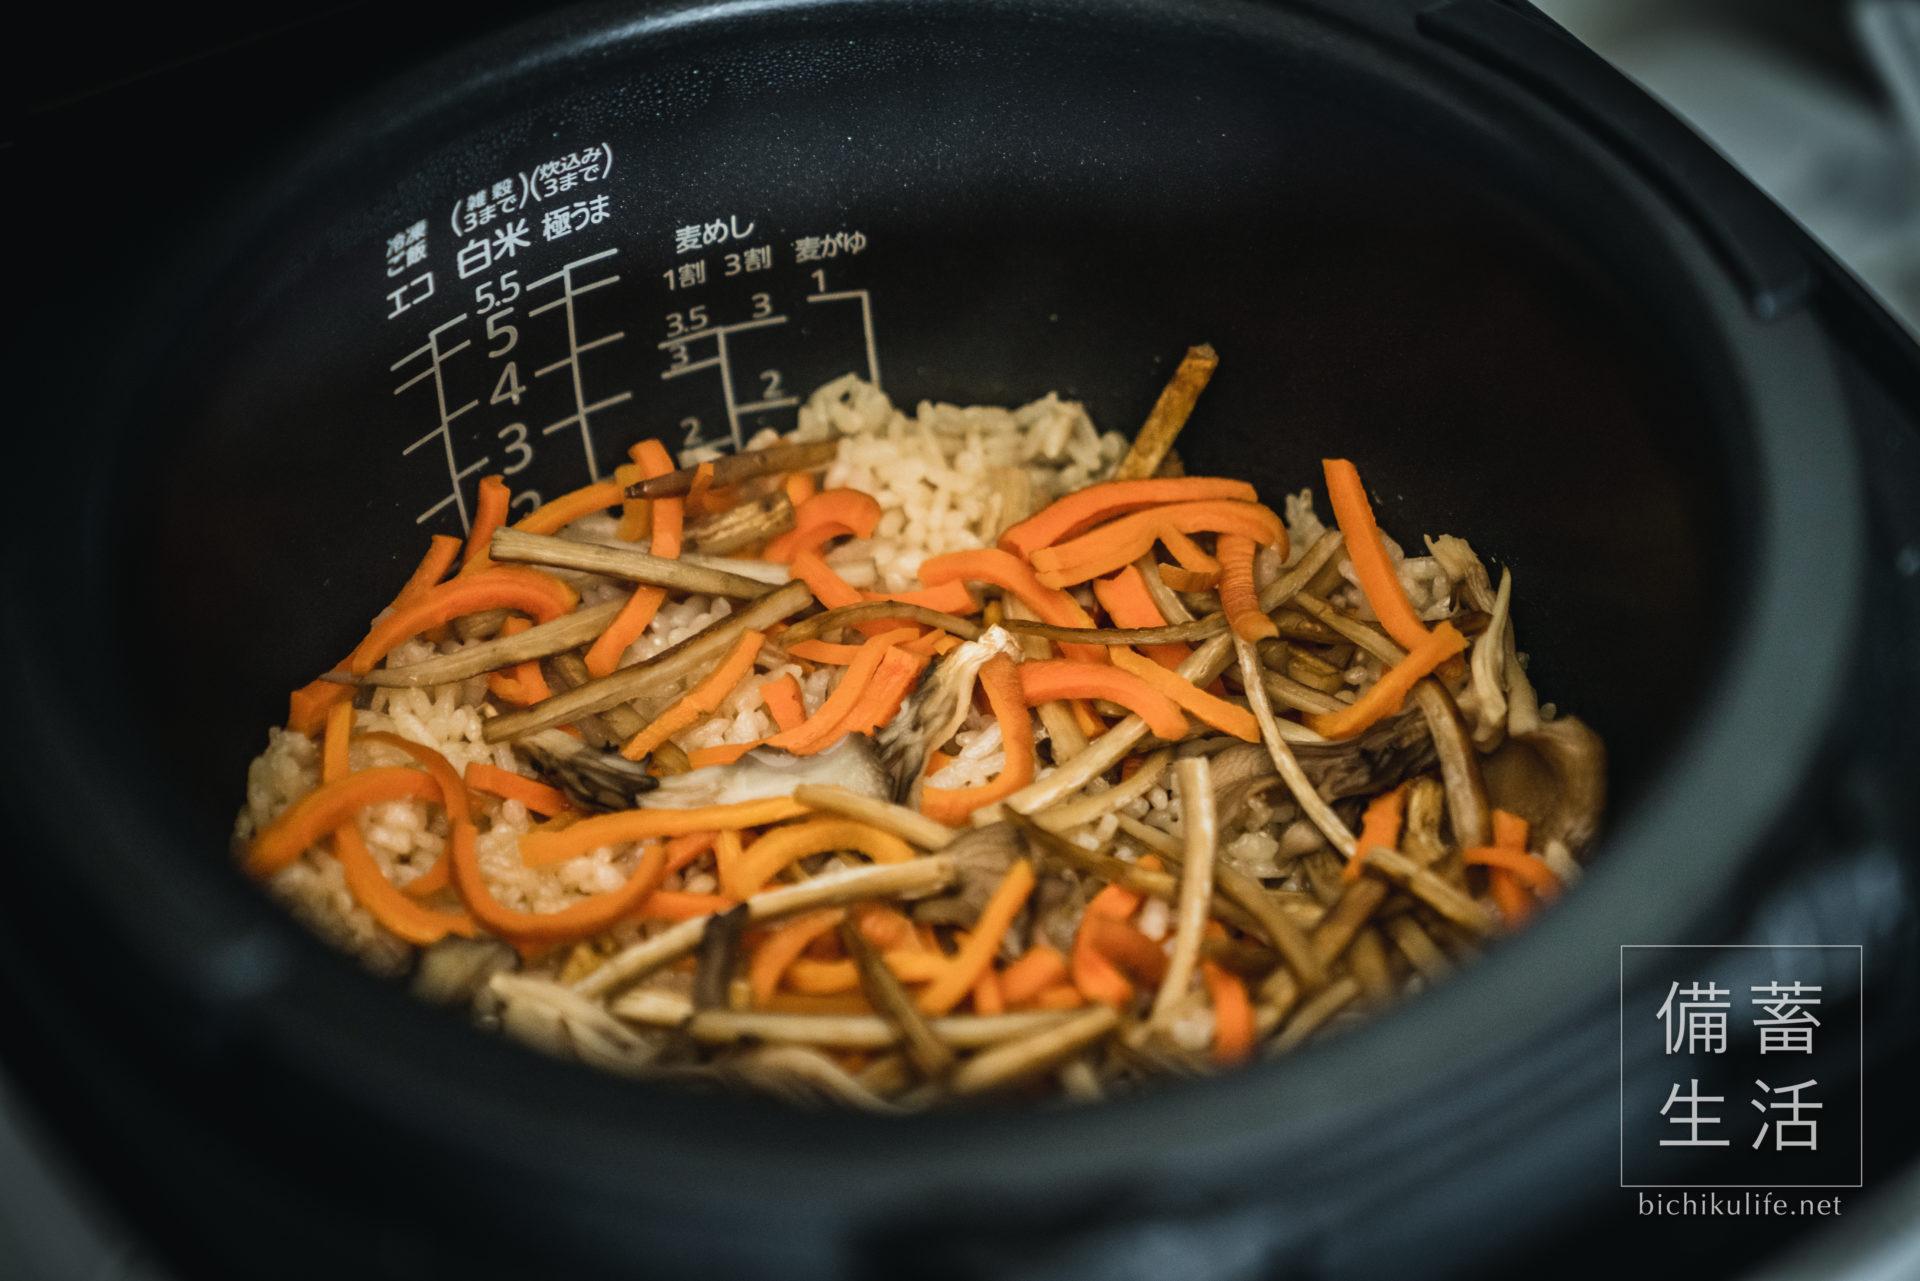 干し野菜づくり 干しごぼうのレシピ、干しごぼうの炊き込みご飯